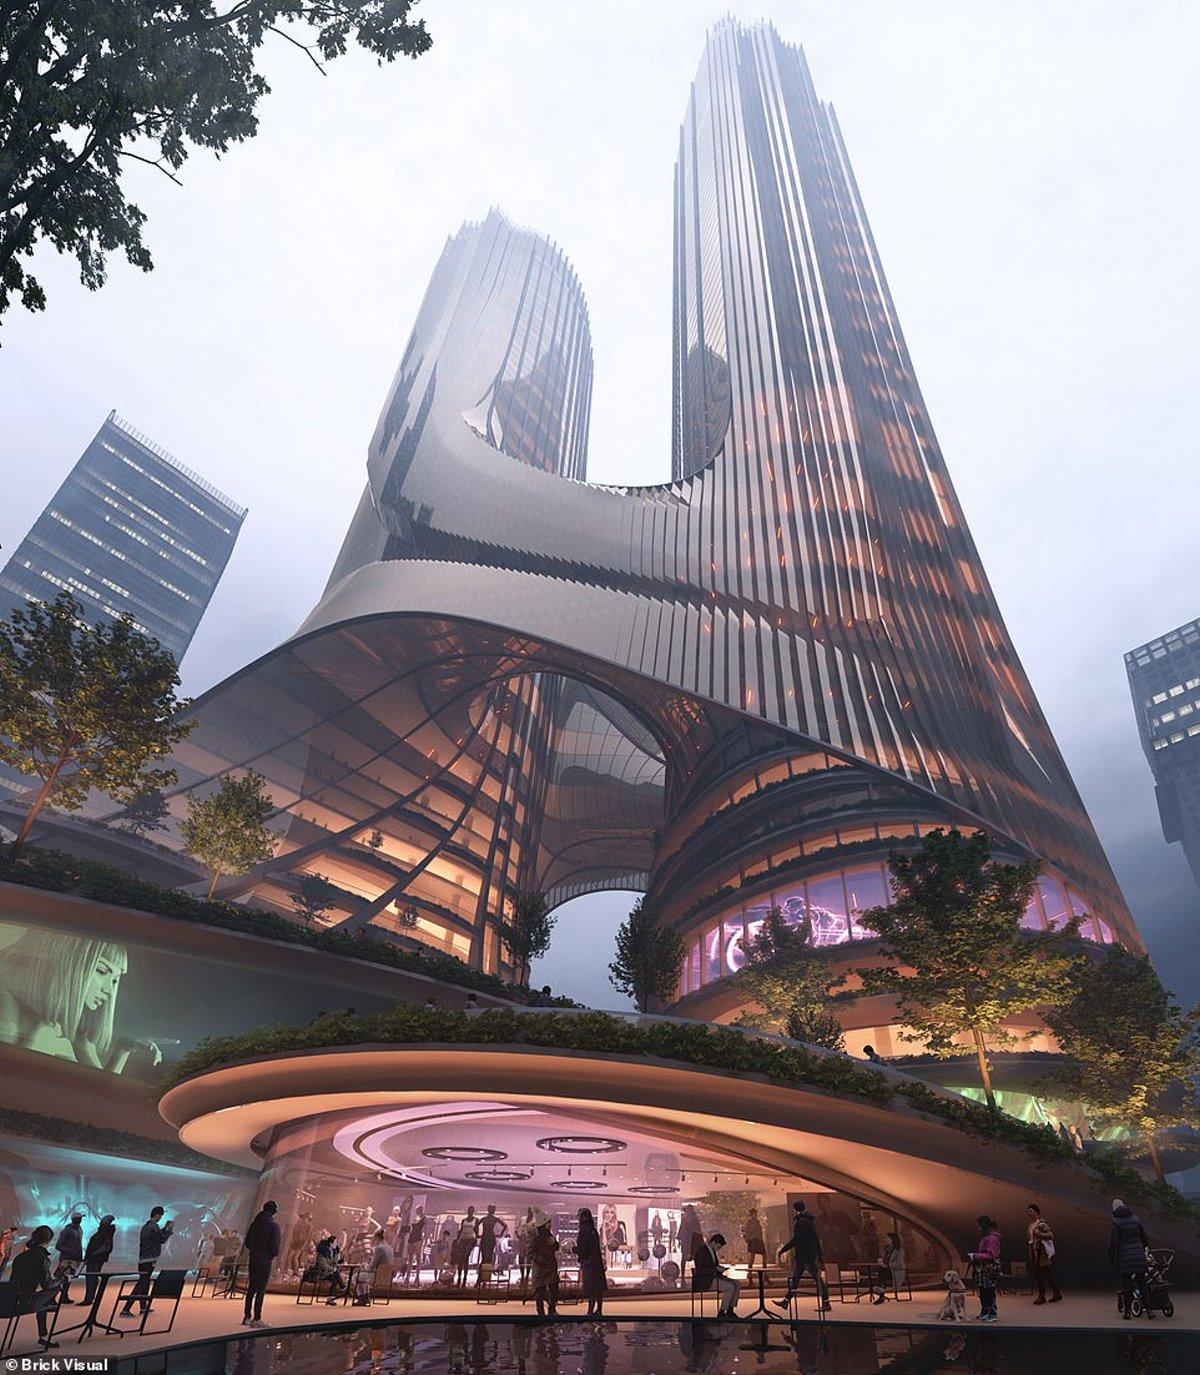 Tower C κάθετη πόλη Χονγκ Κονγκ φουτουριστικό κτήριο ψηλότερο από empire state building